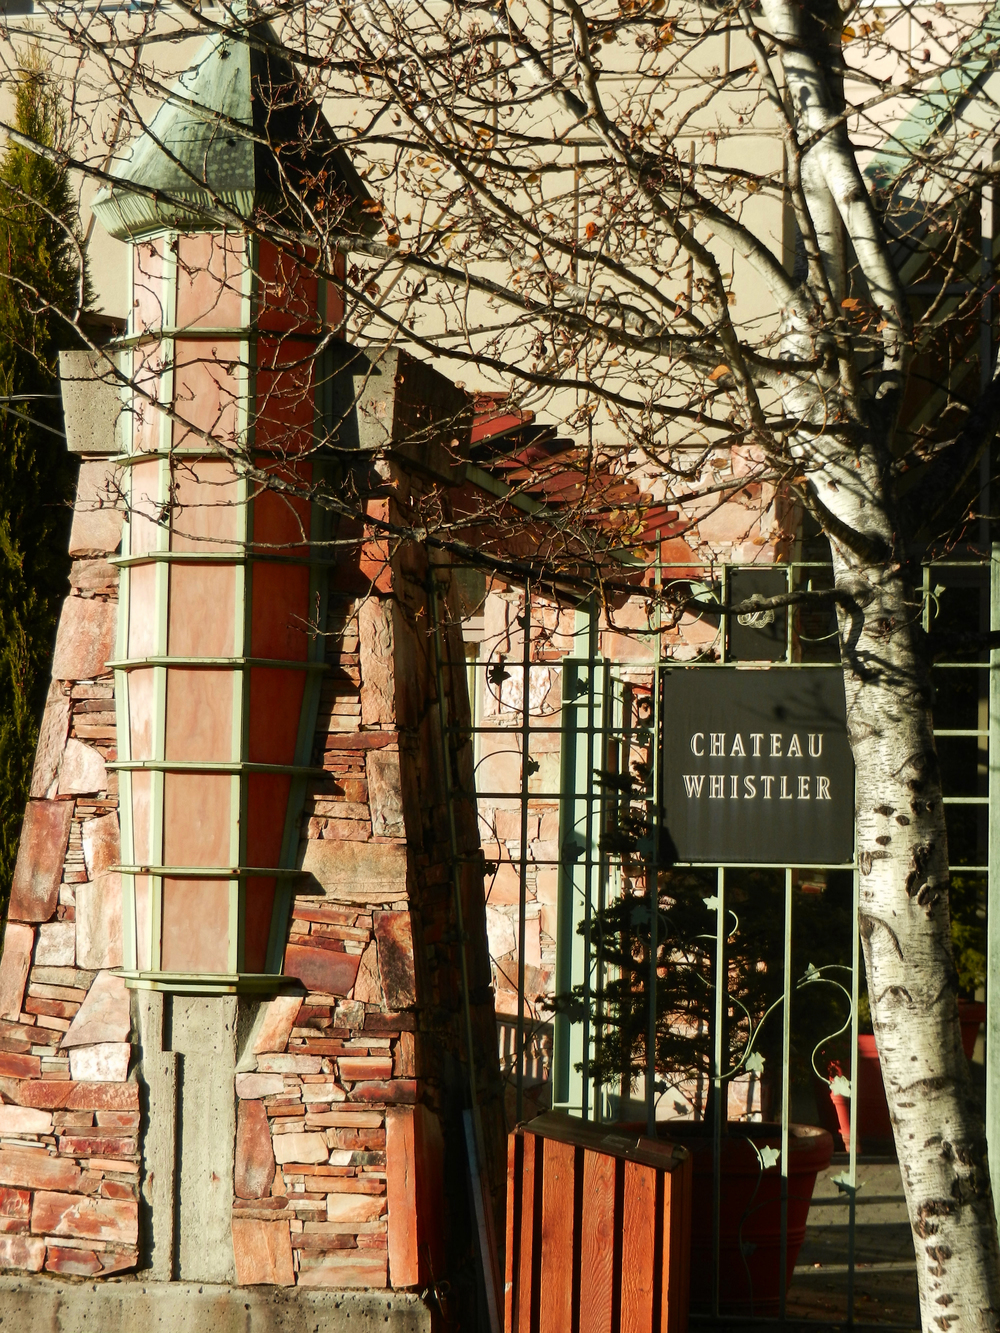 Quarzite exterior, Chateau Whistler